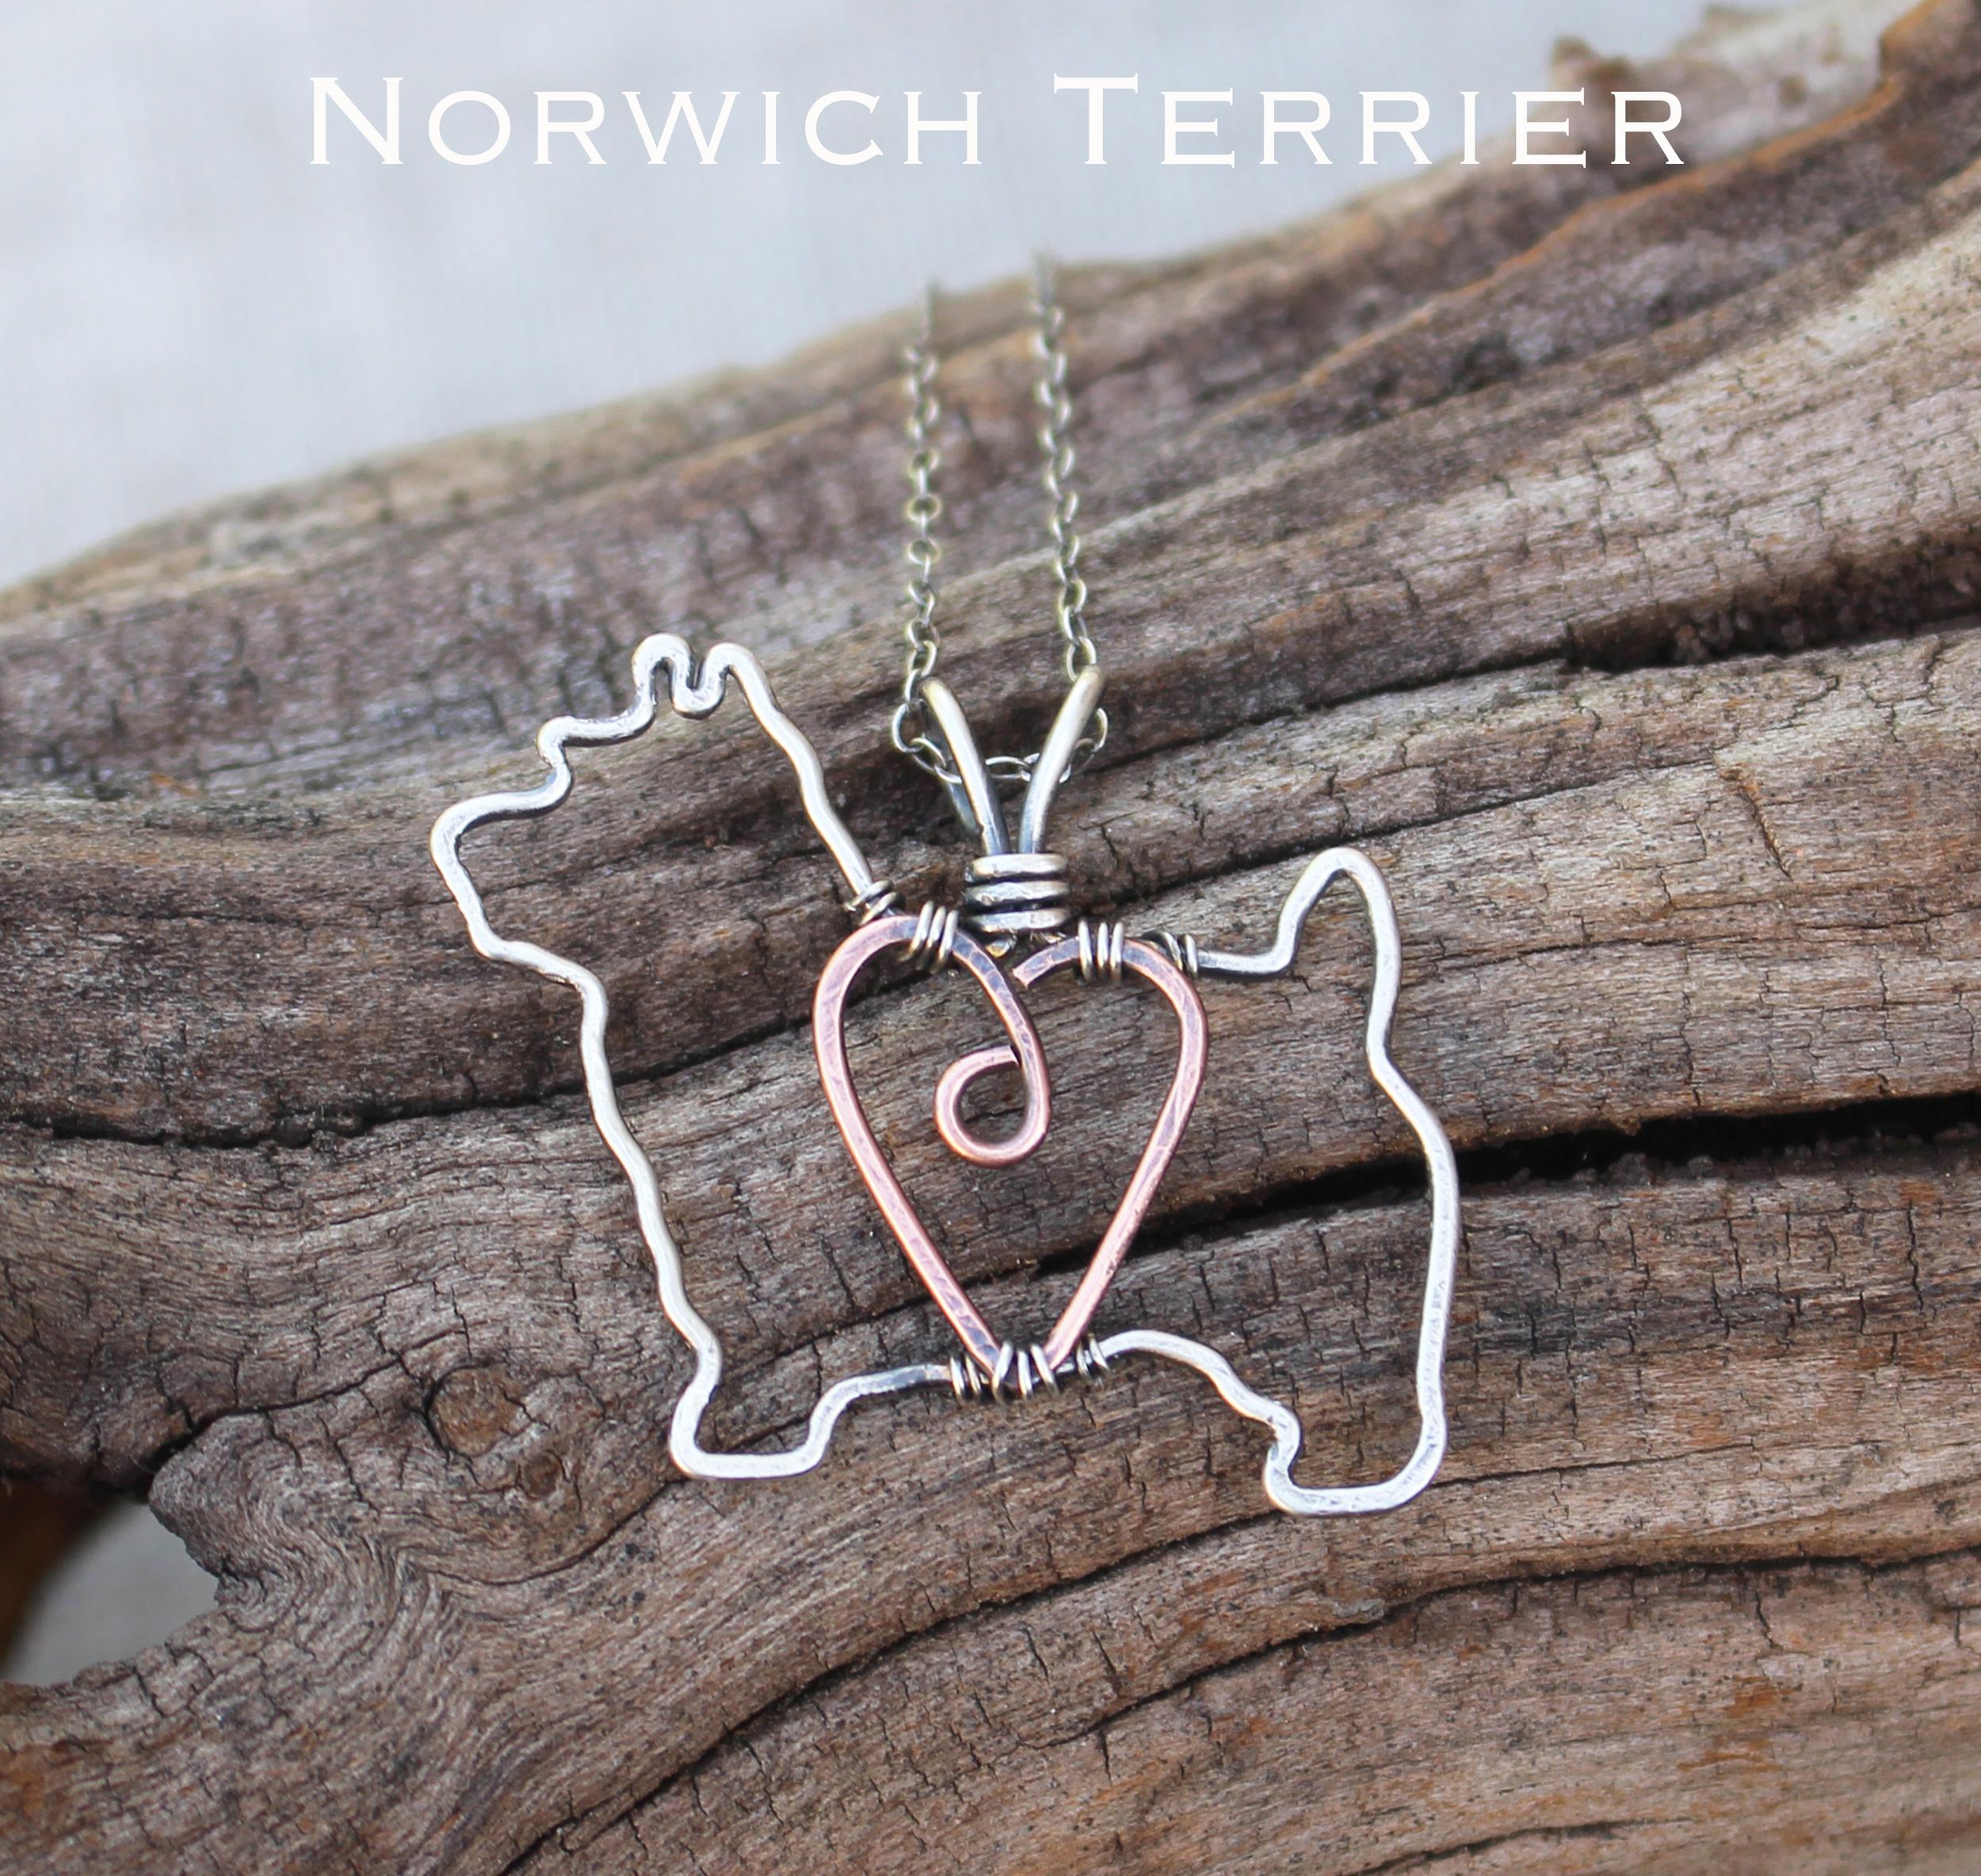 norwich terrier.jpg